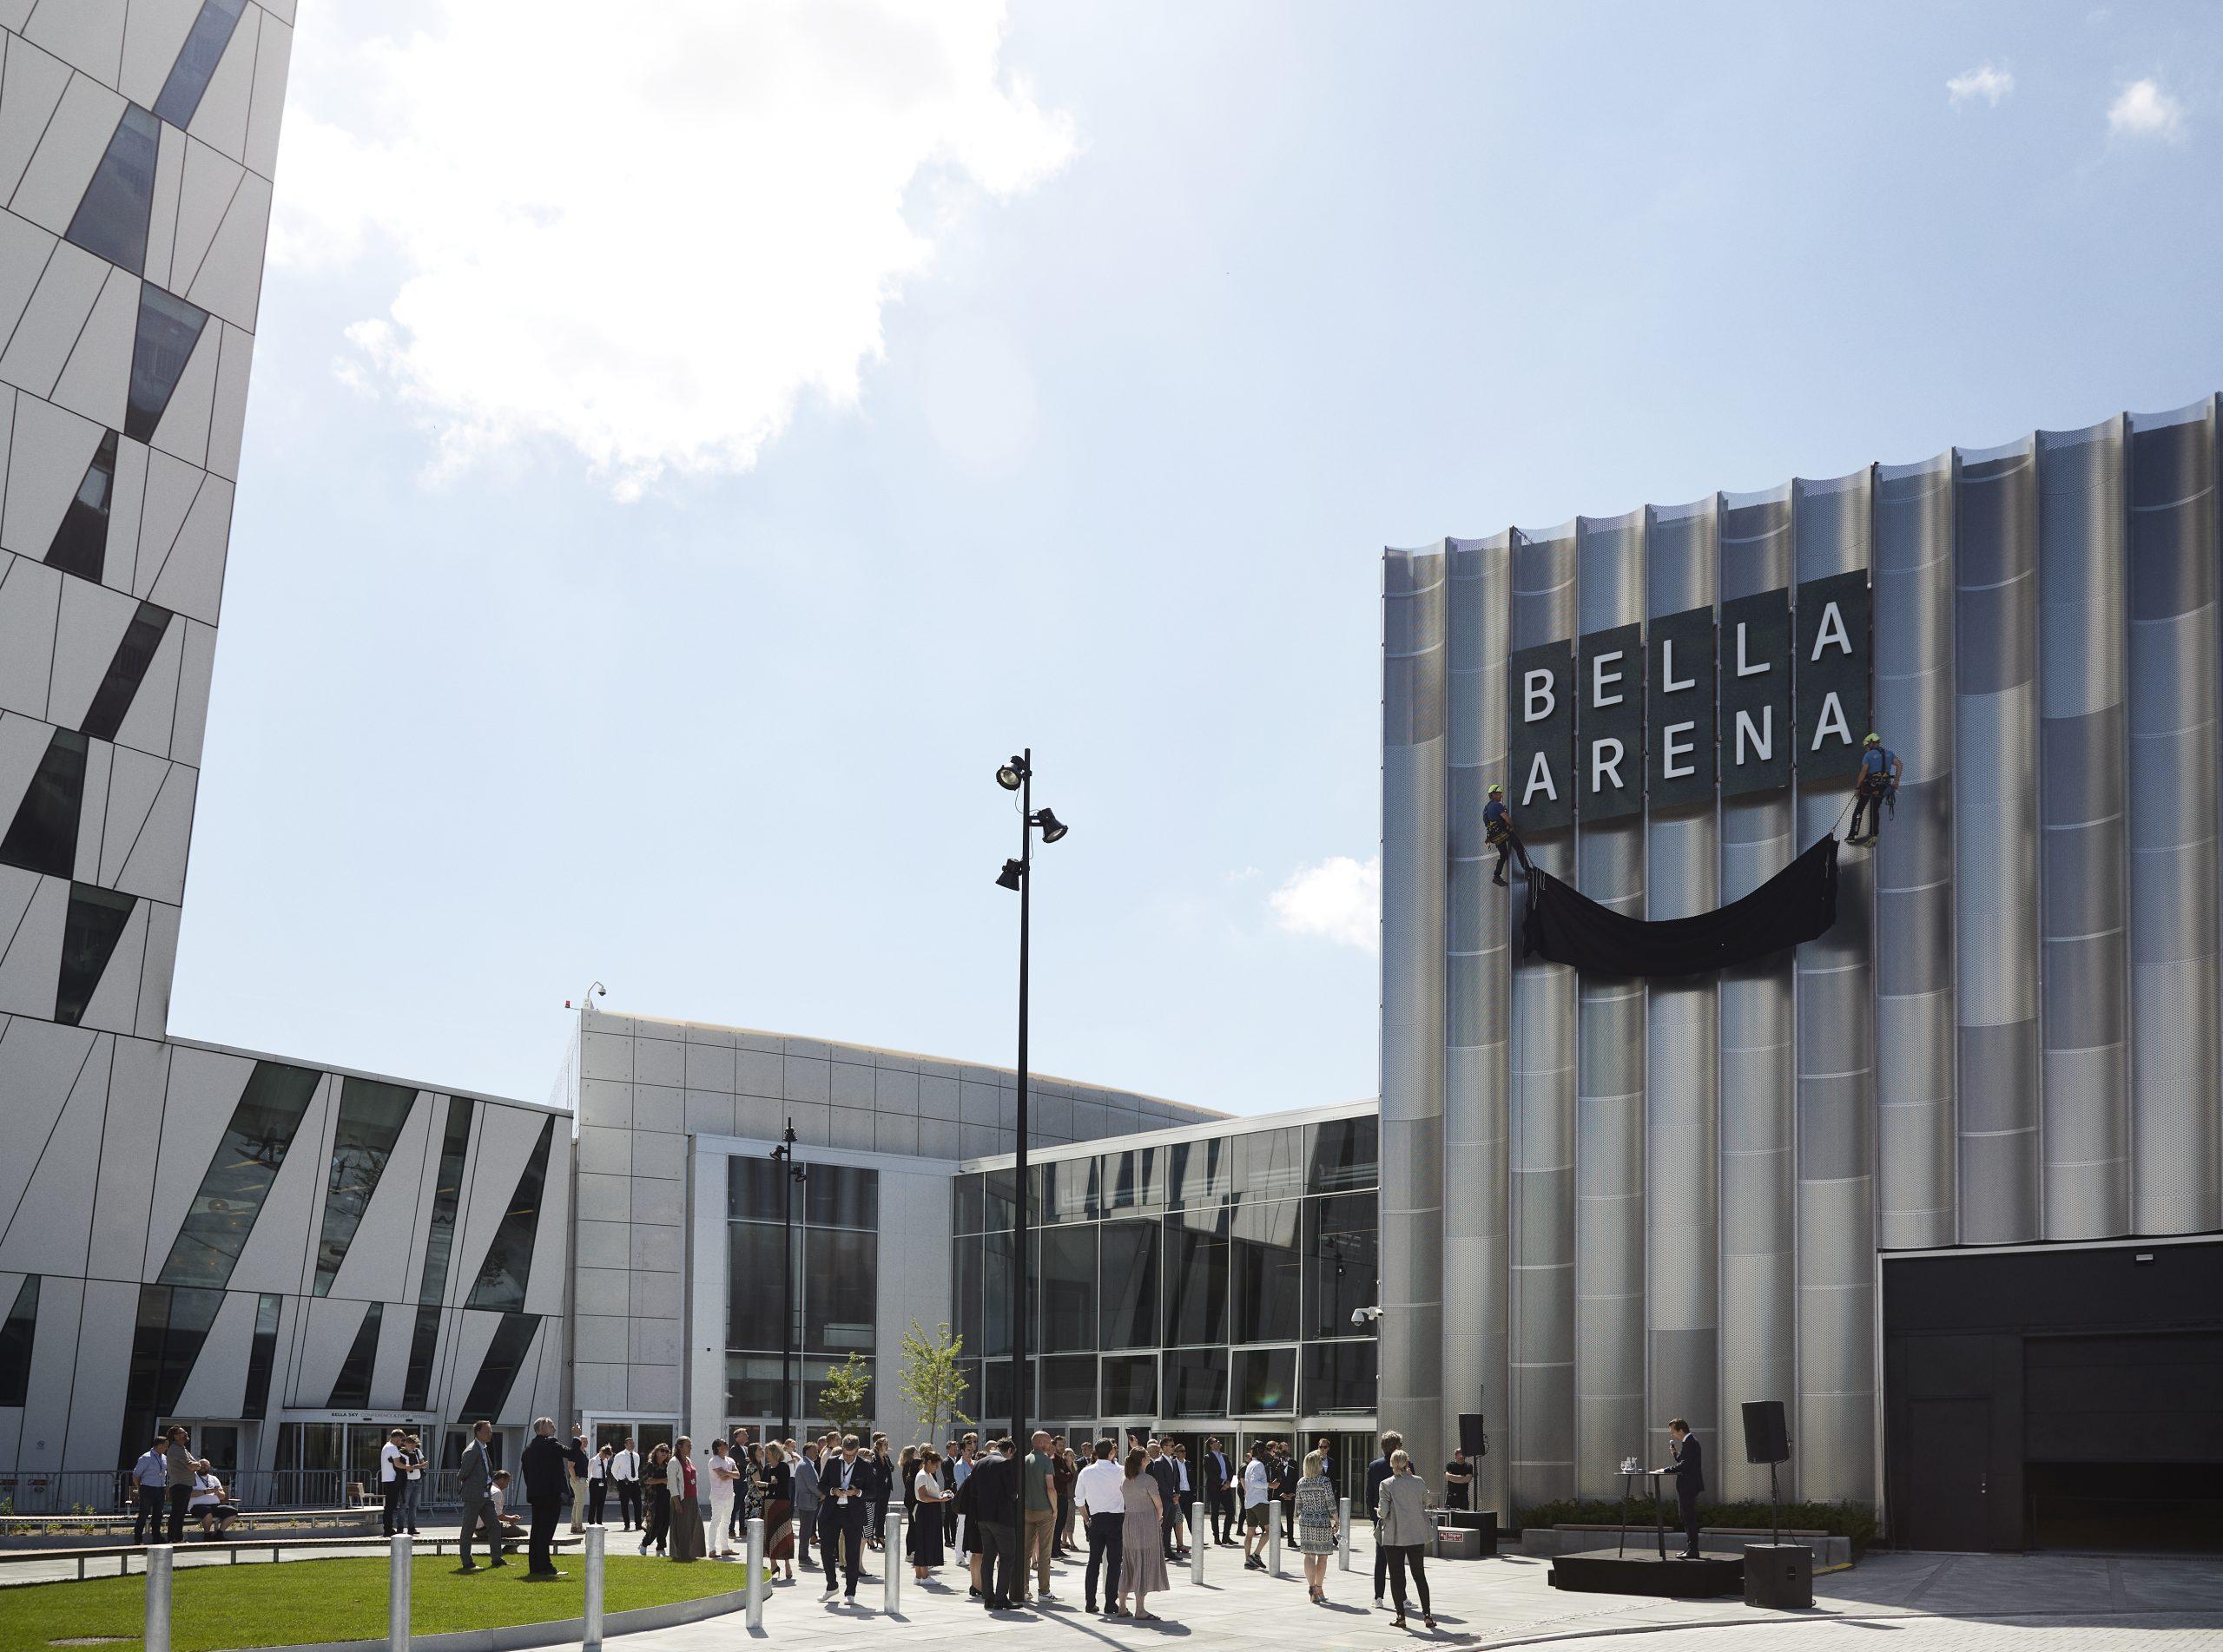 Den nye Bella Arena ved Bella Center. Til venstre anes hotellet Bella Sky, der også drives af BC (Bella Center) Hospitality Group. Pressefoto: BCHG.